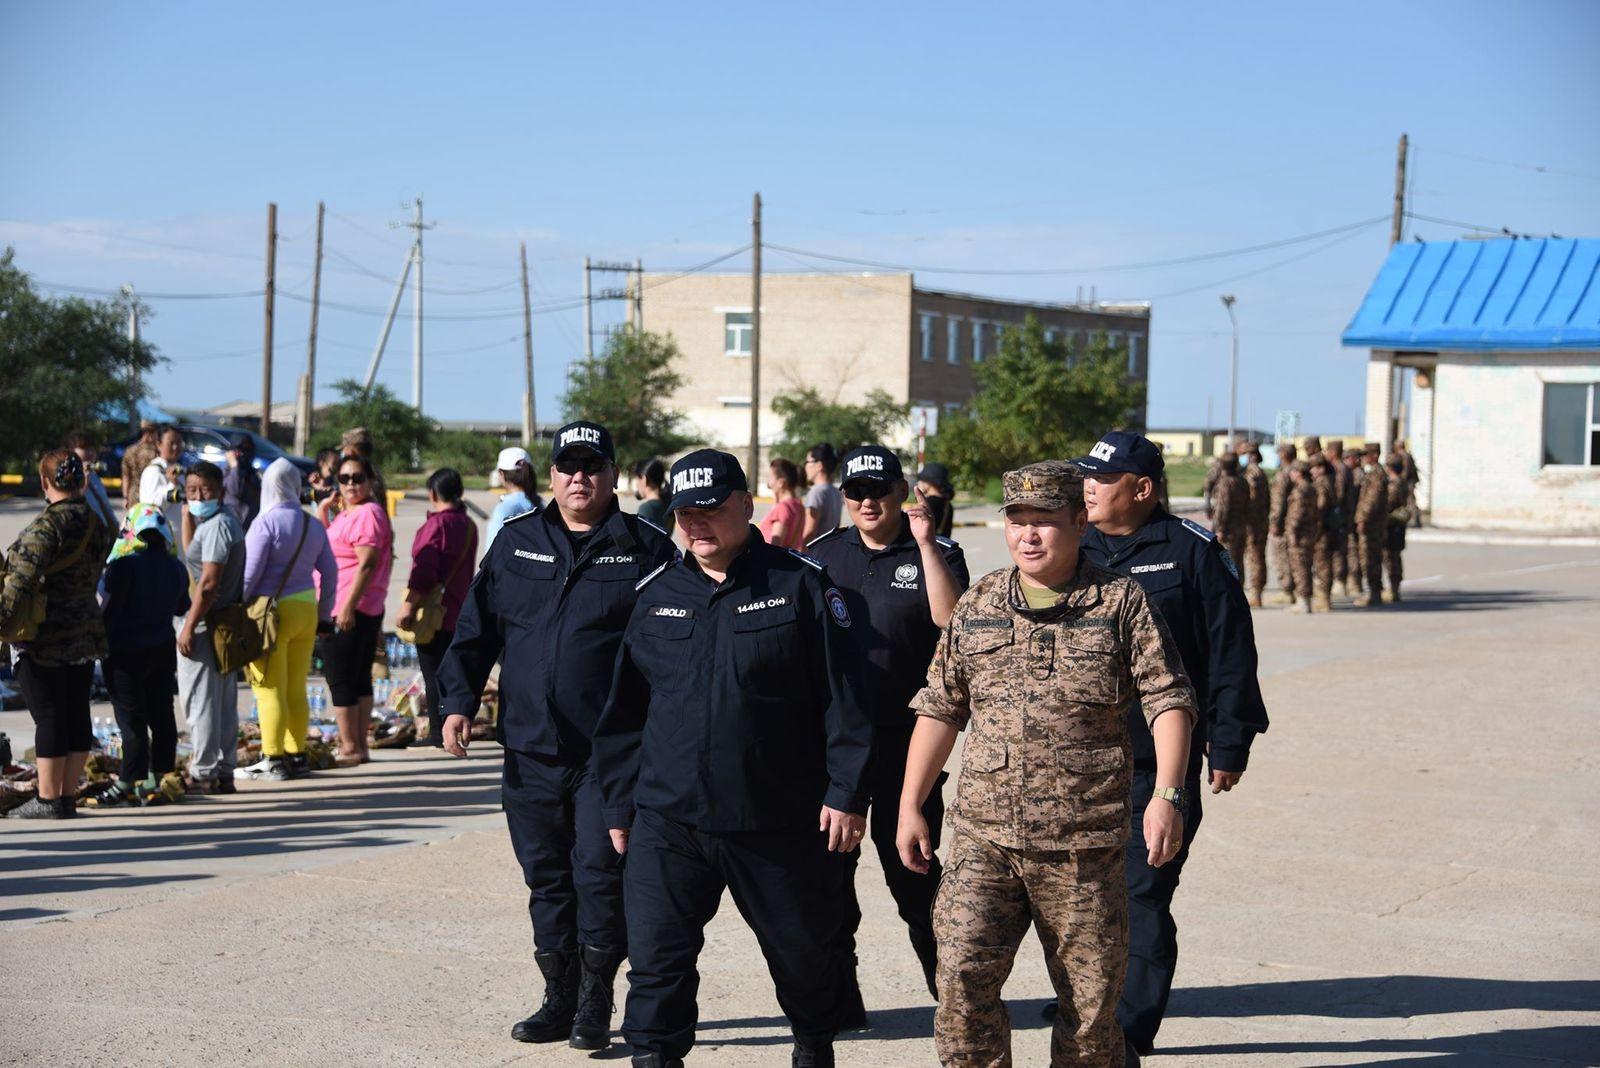 Цагдаагийн ерөнхий газрын удирдлагууд төмөр замын бүтээн байгуулалтын ажлын явцтай танилцлаа